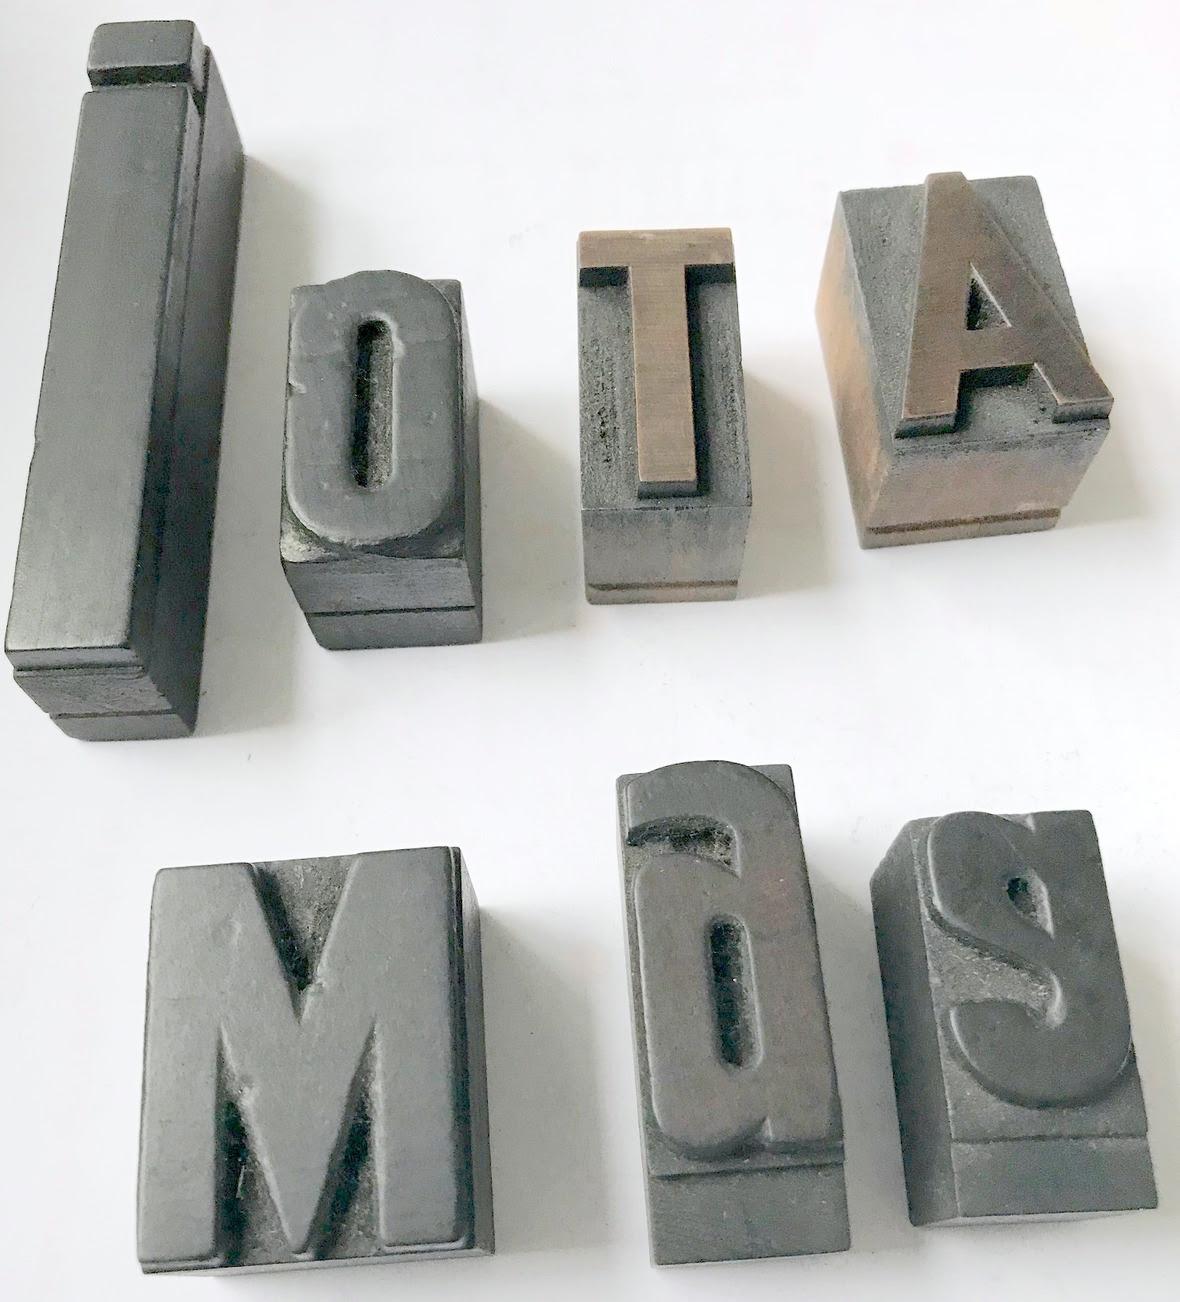 IOTA MAG